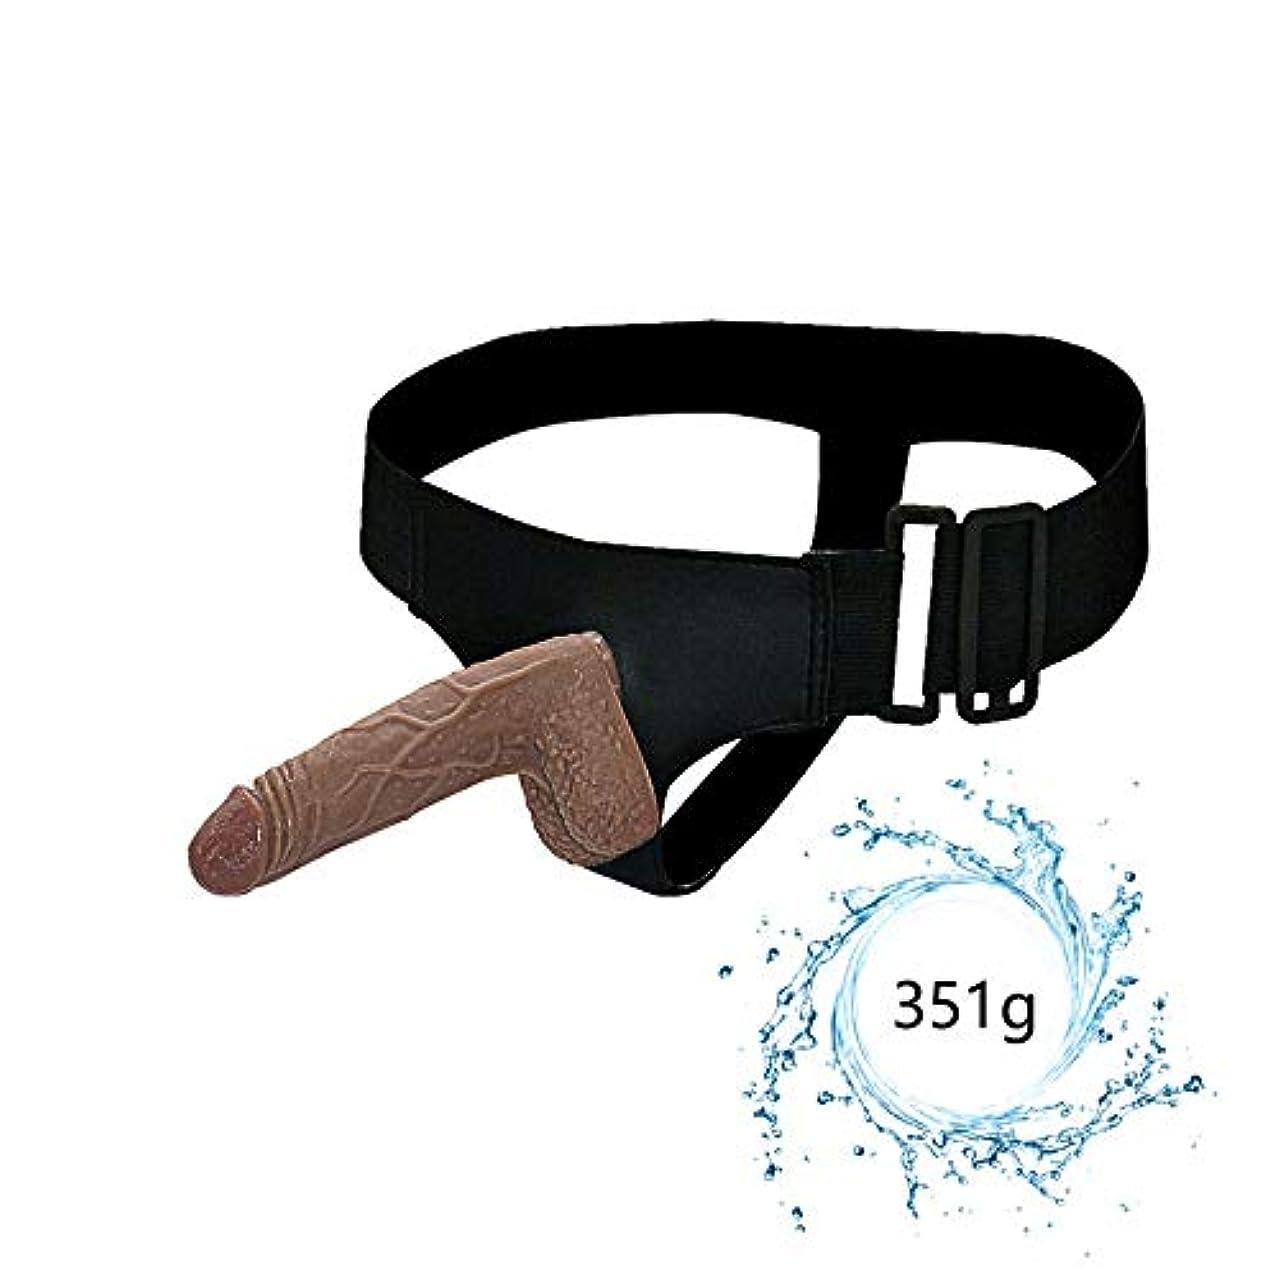 構造調整風味XpHealth 女性らしいカップルのための調整可能なベルト付き調整可能なベルト付き大人のギフトのためのリアルなディルドウェアラブルストラップ